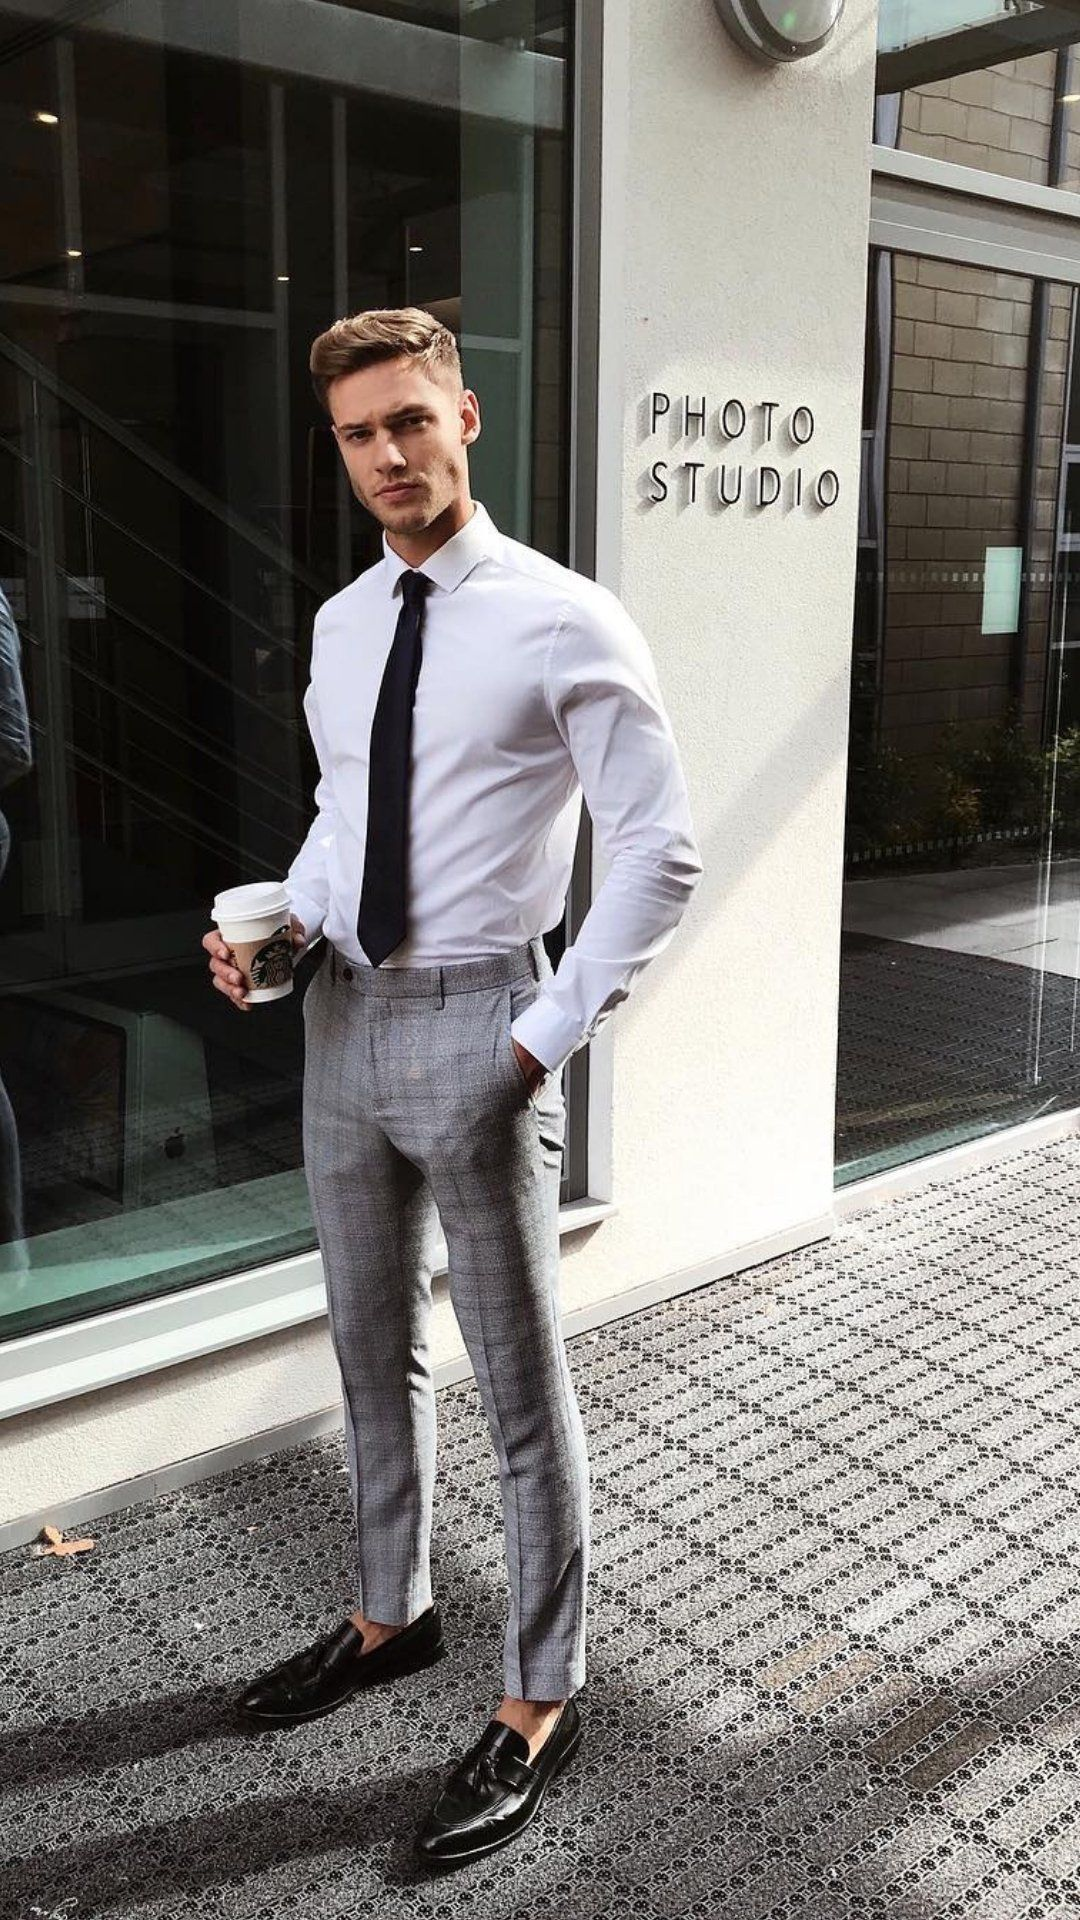 5 tenues cool avec chemise blanche pour homme  – Ryan clothes